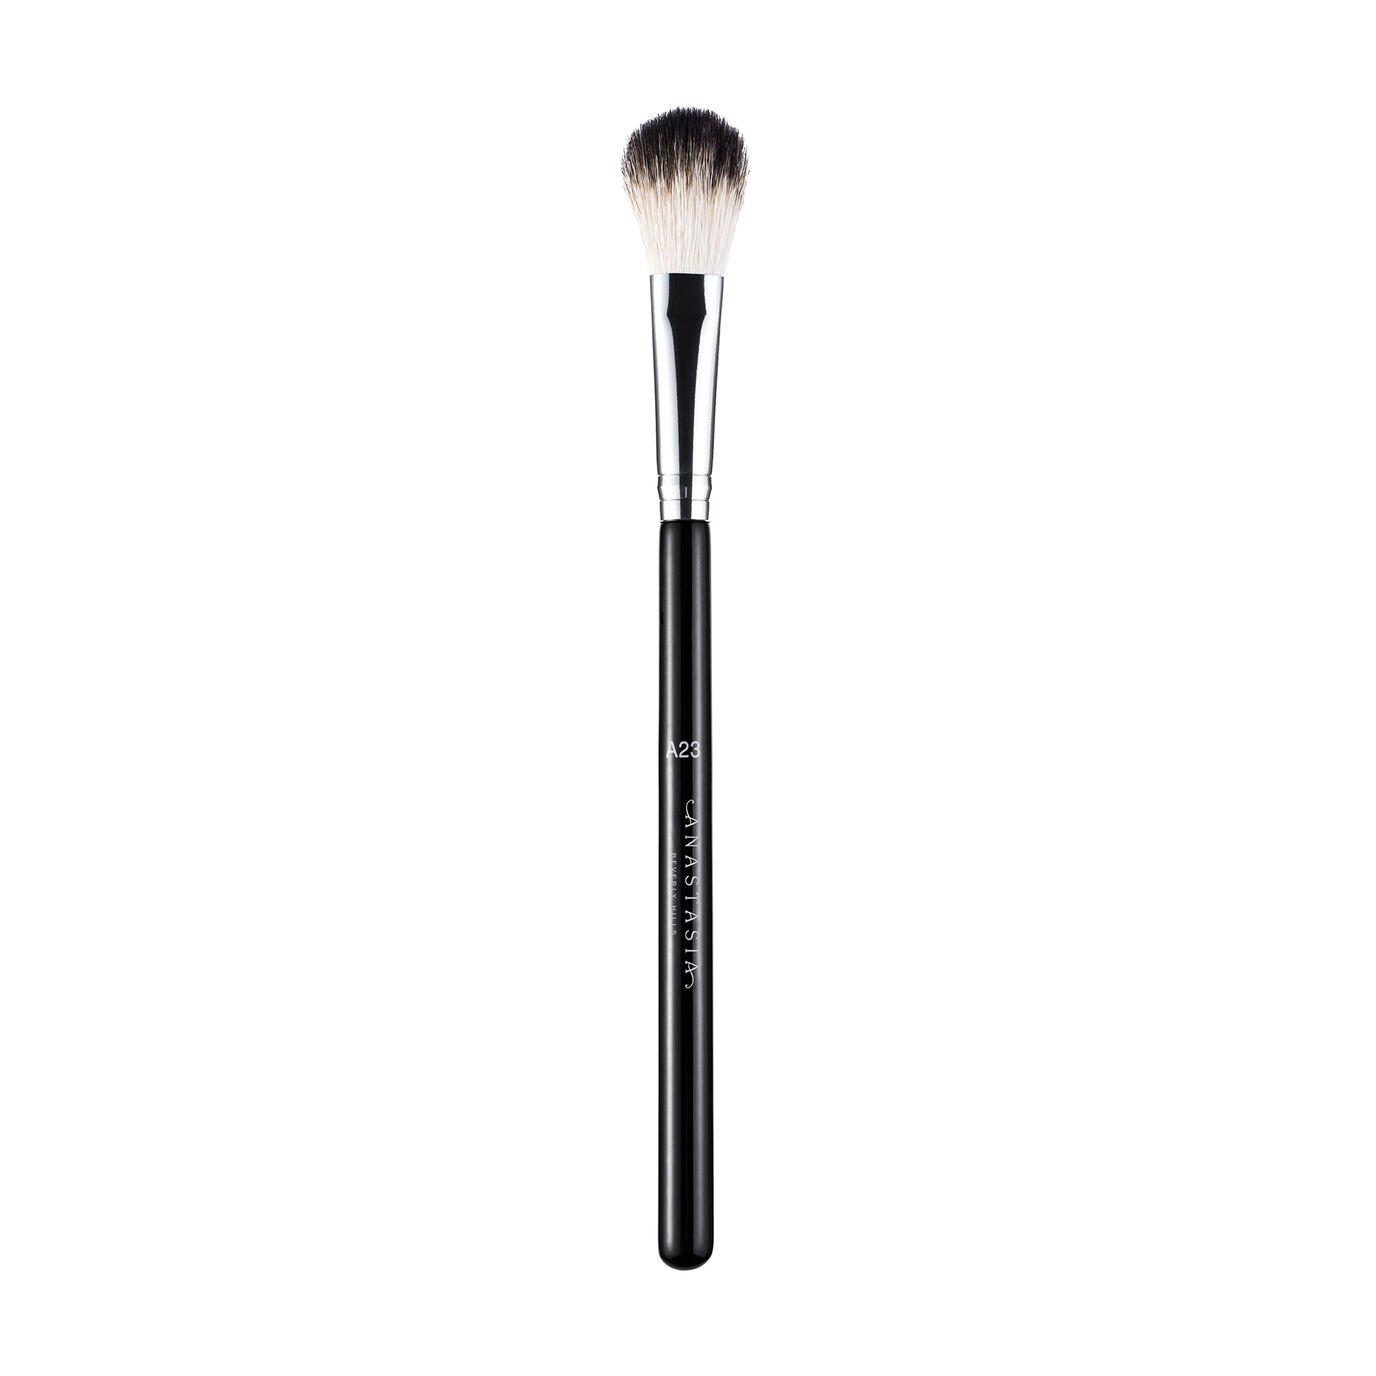 A23 Large Tapered Blending Brush | Highlighter Brushes - Anastasia Beverly Hills